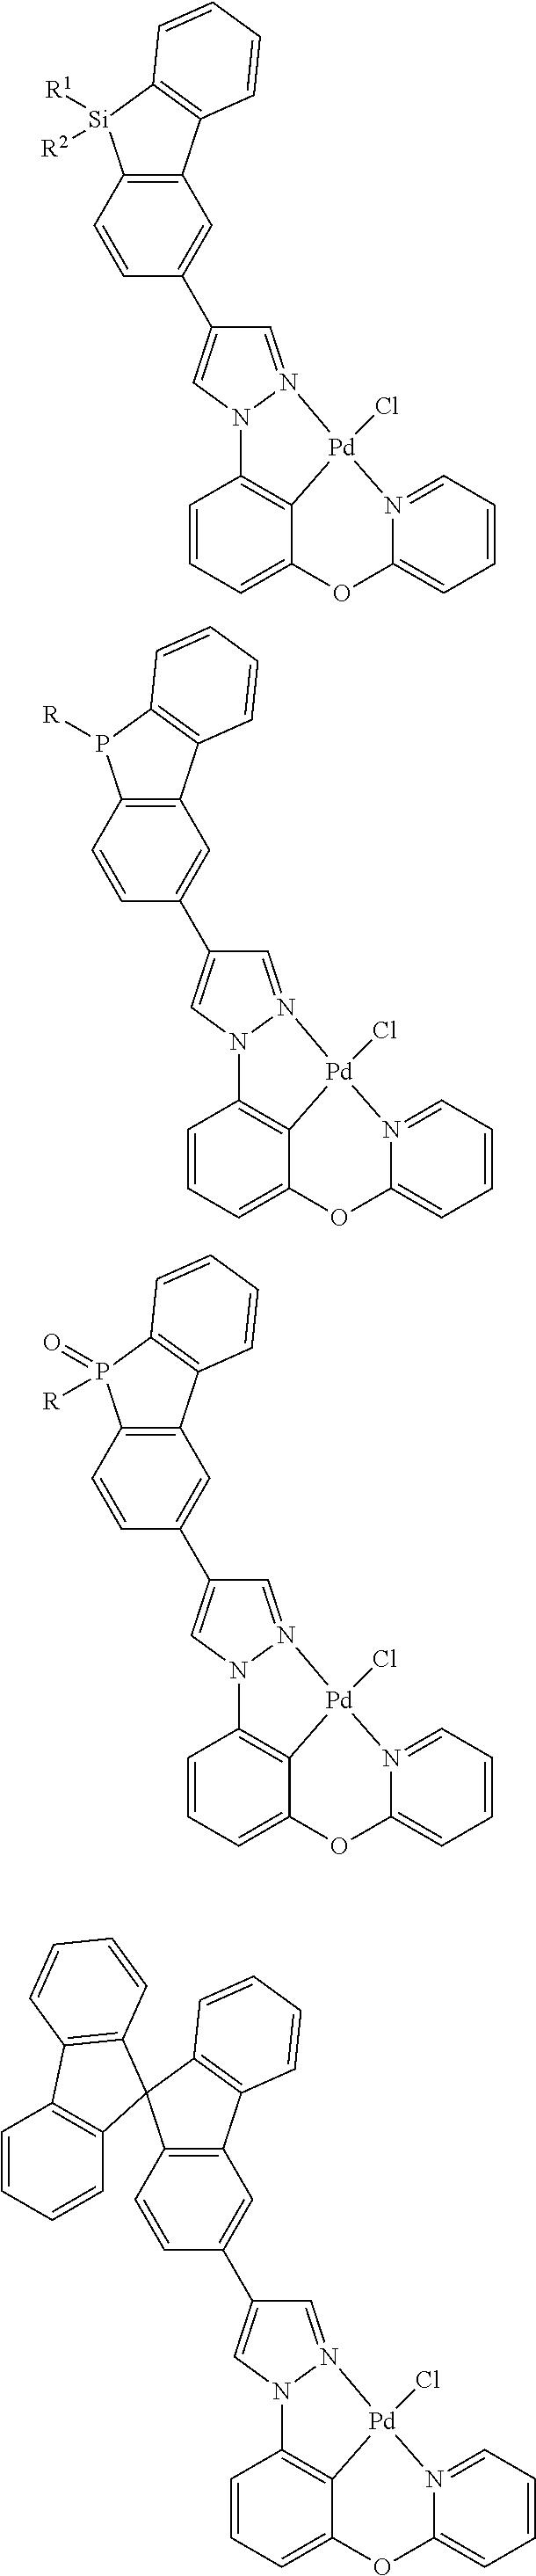 Figure US09818959-20171114-C00532